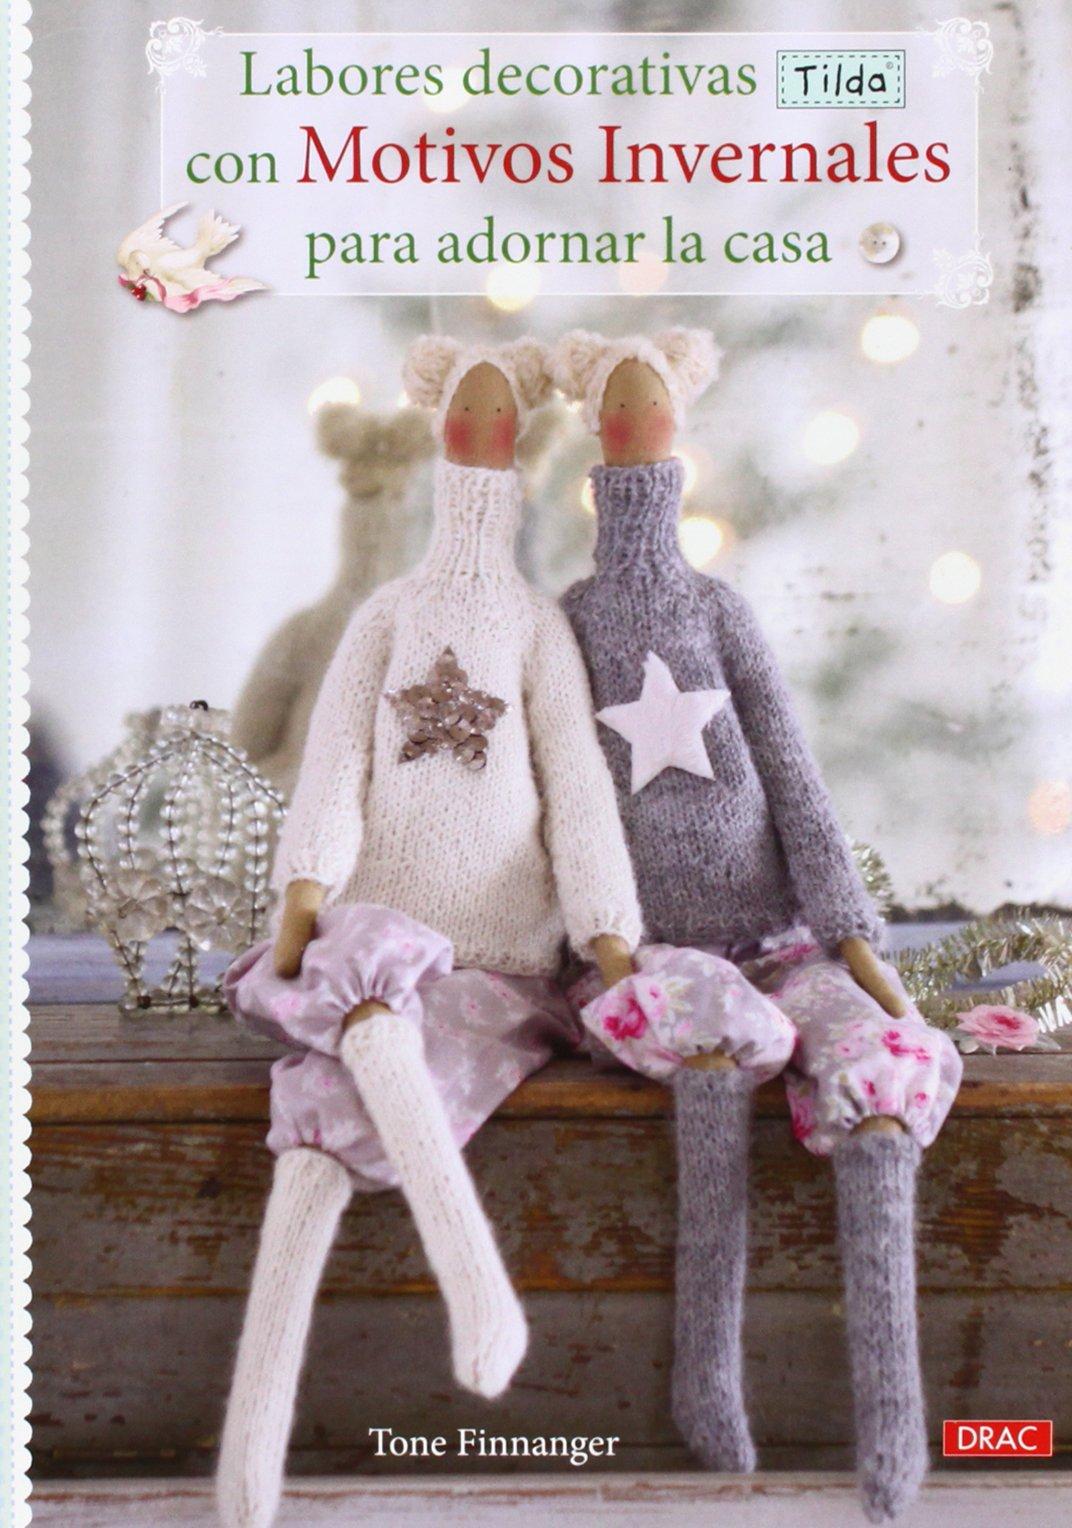 Labores decorativas Tilda con motivos invernales para decorar la casa: FINNANGER(744163): 9788498744163: Amazon.com: Books